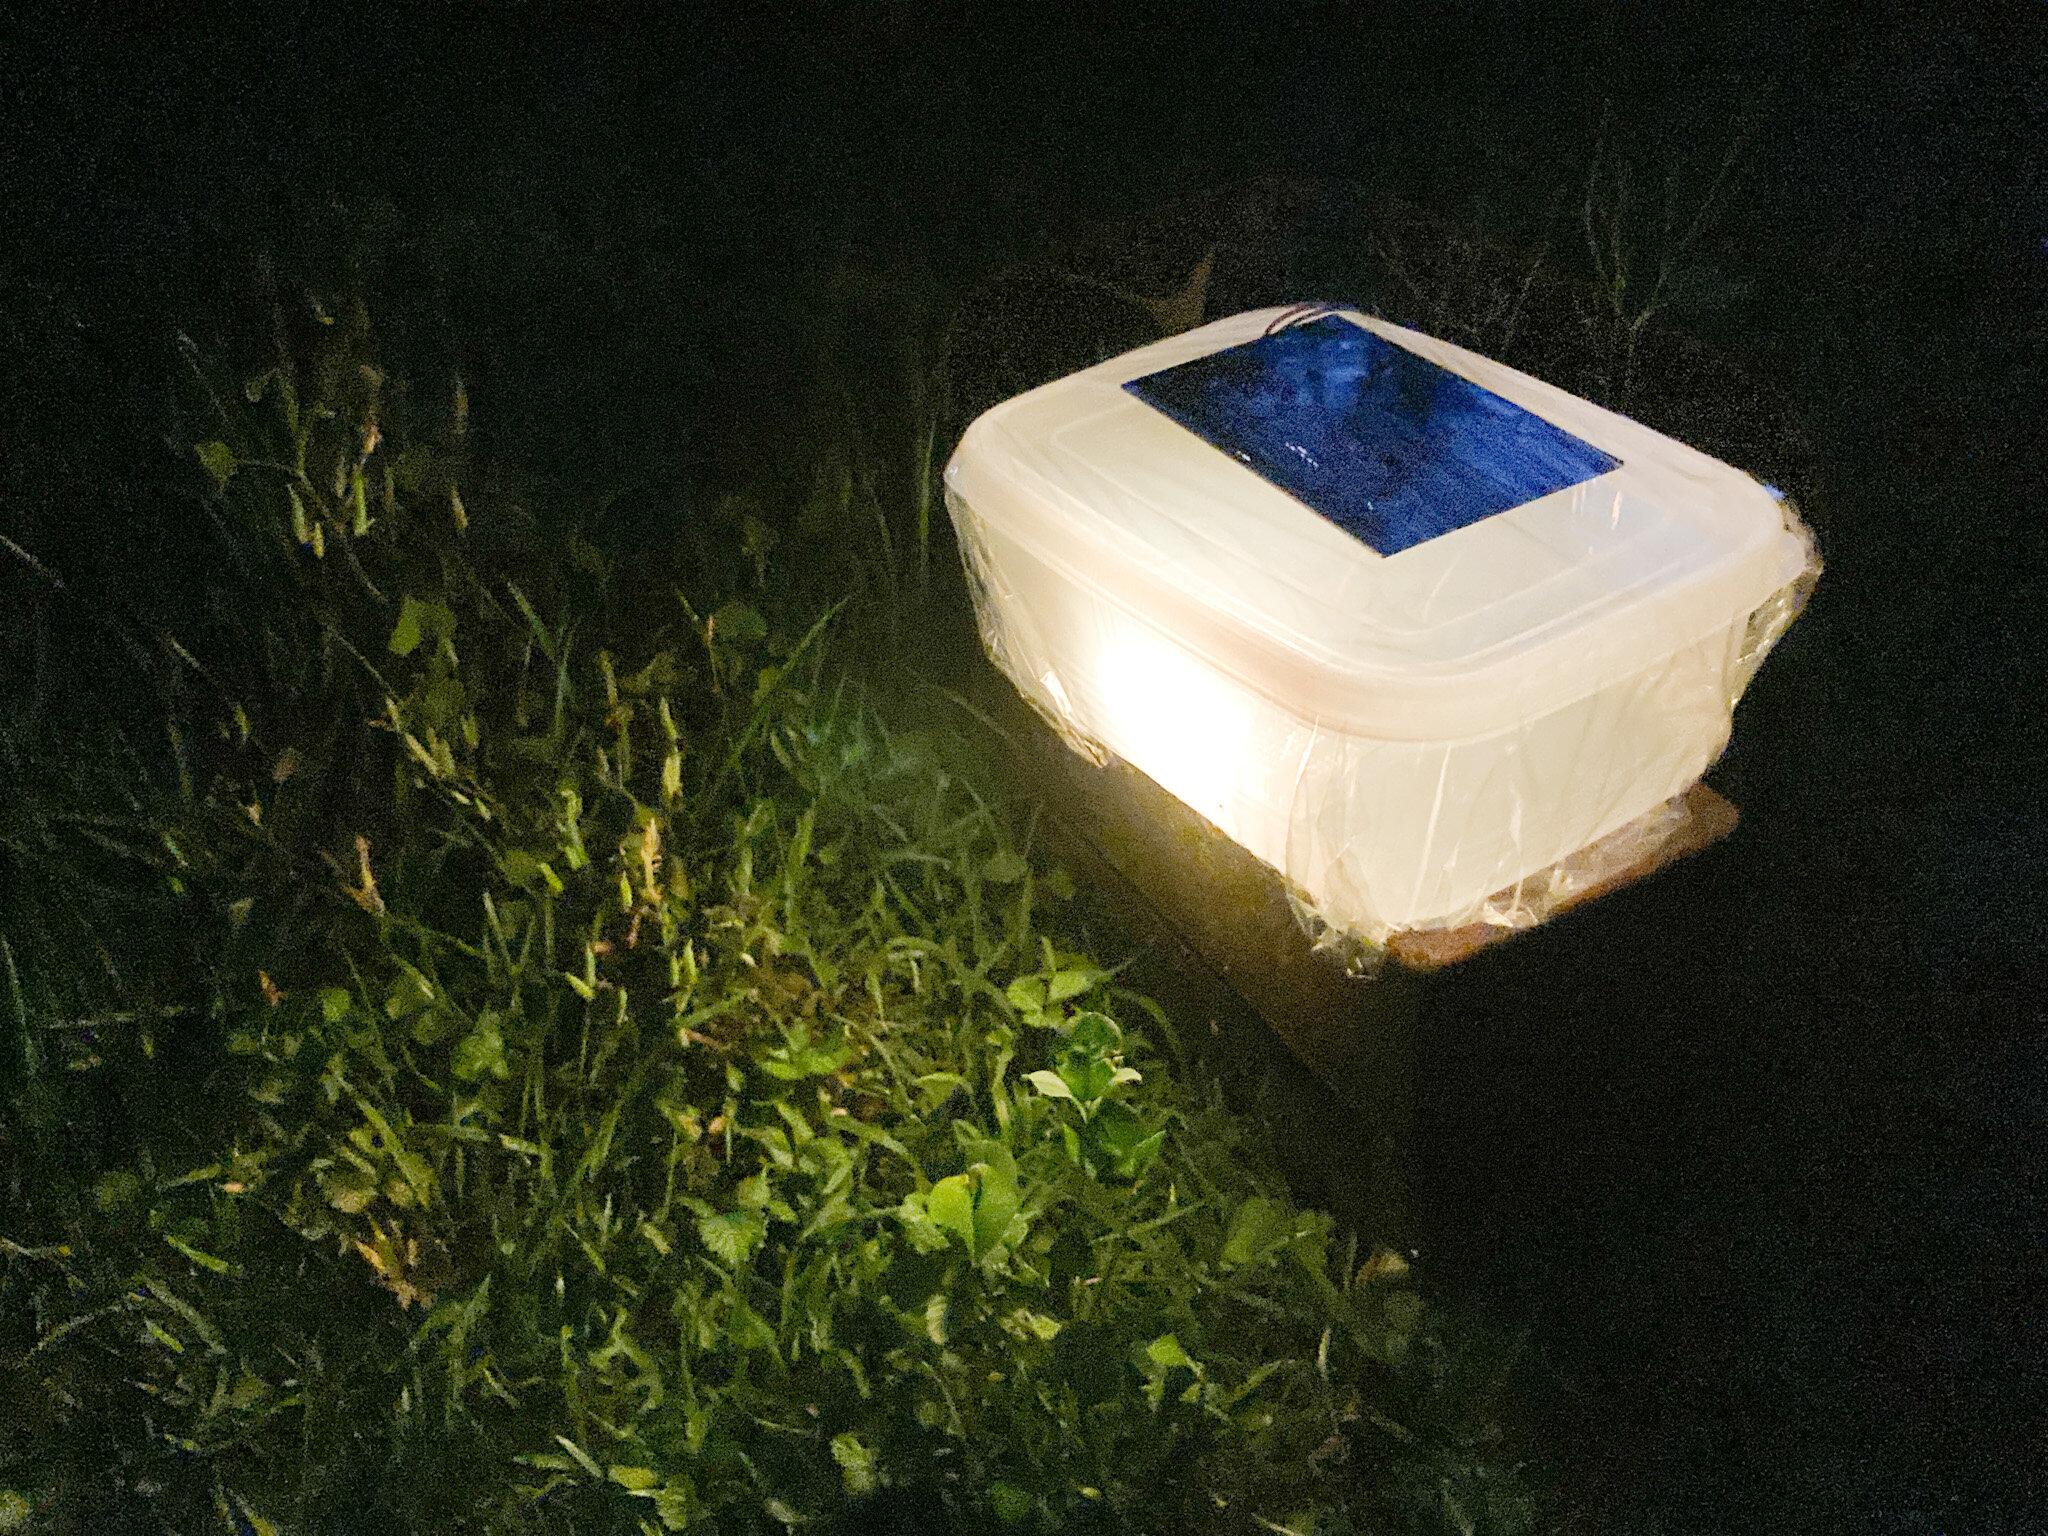 太陽電池を使った夏休みの自由研究